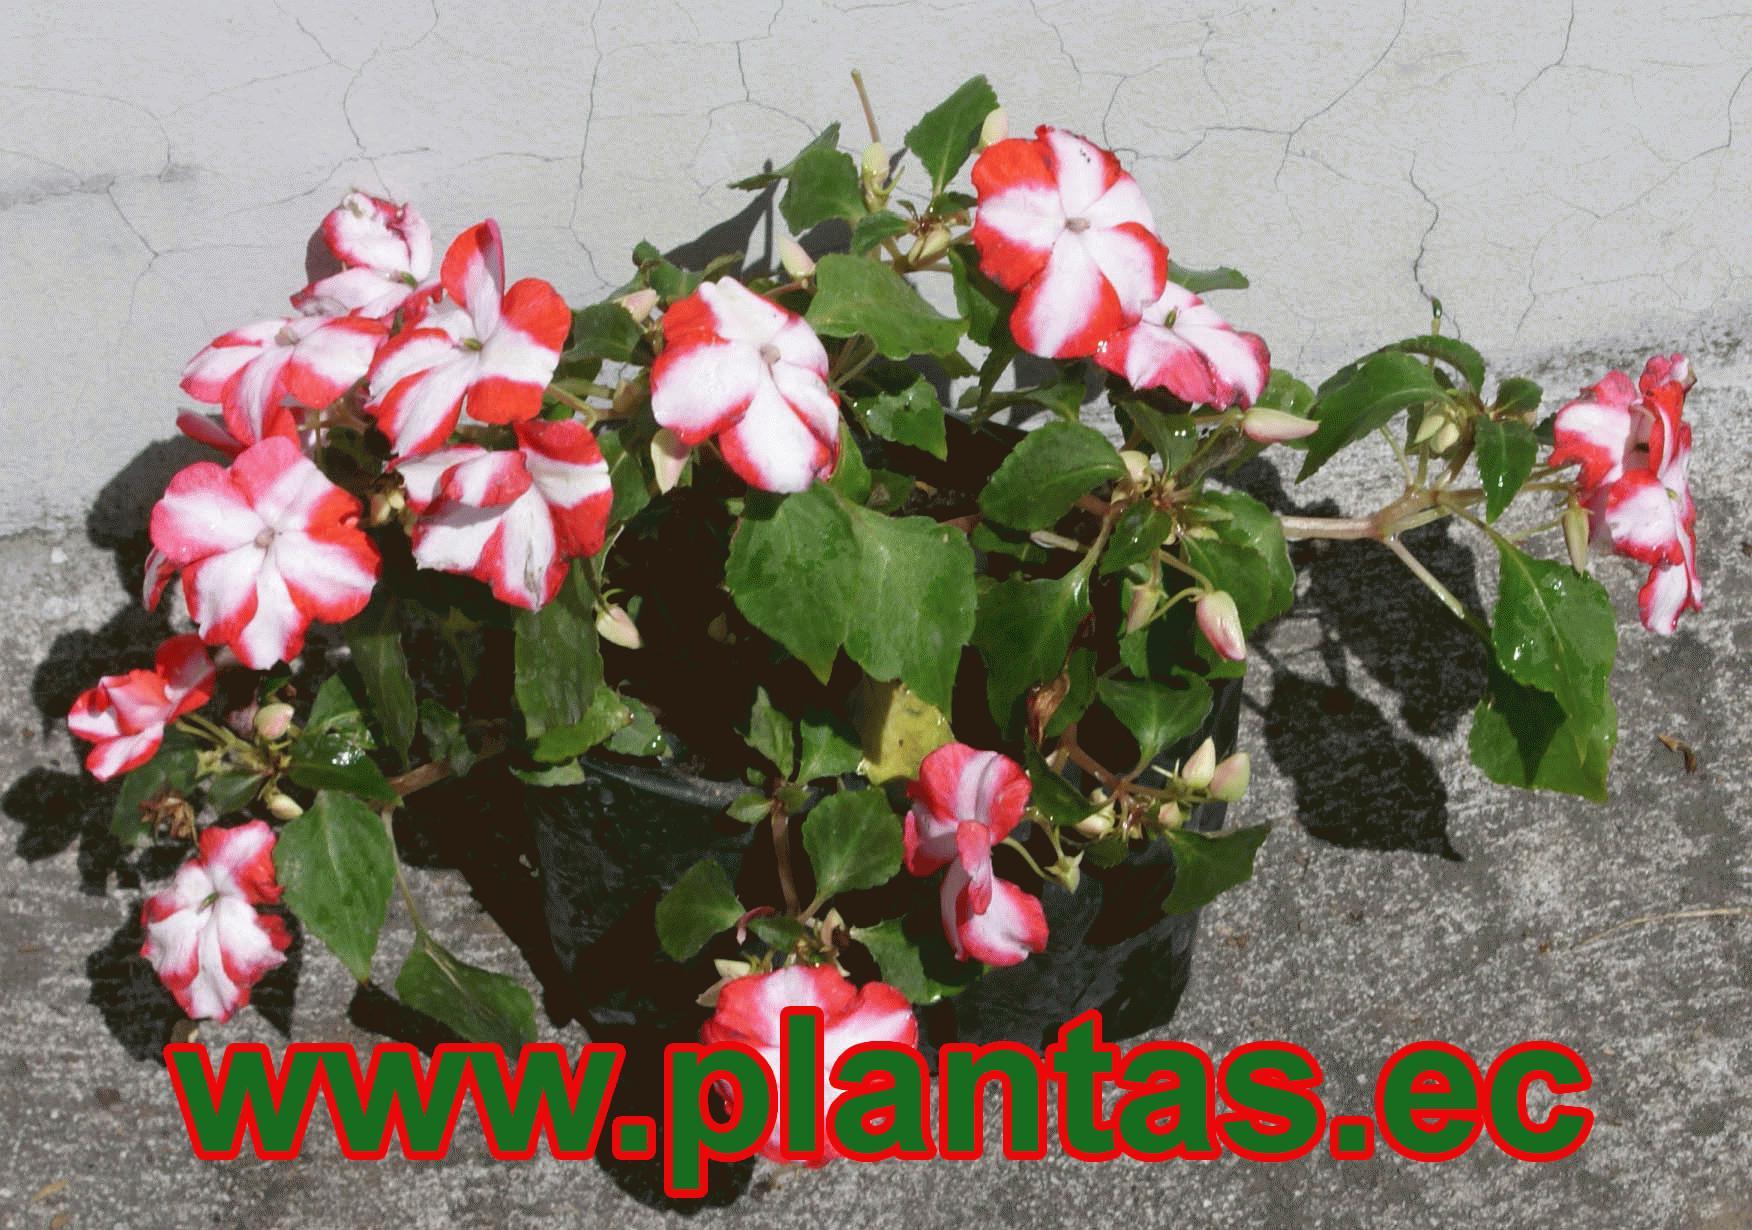 Miramelindas arboles frutales plantas ornamentales y for Hierbas ornamentales